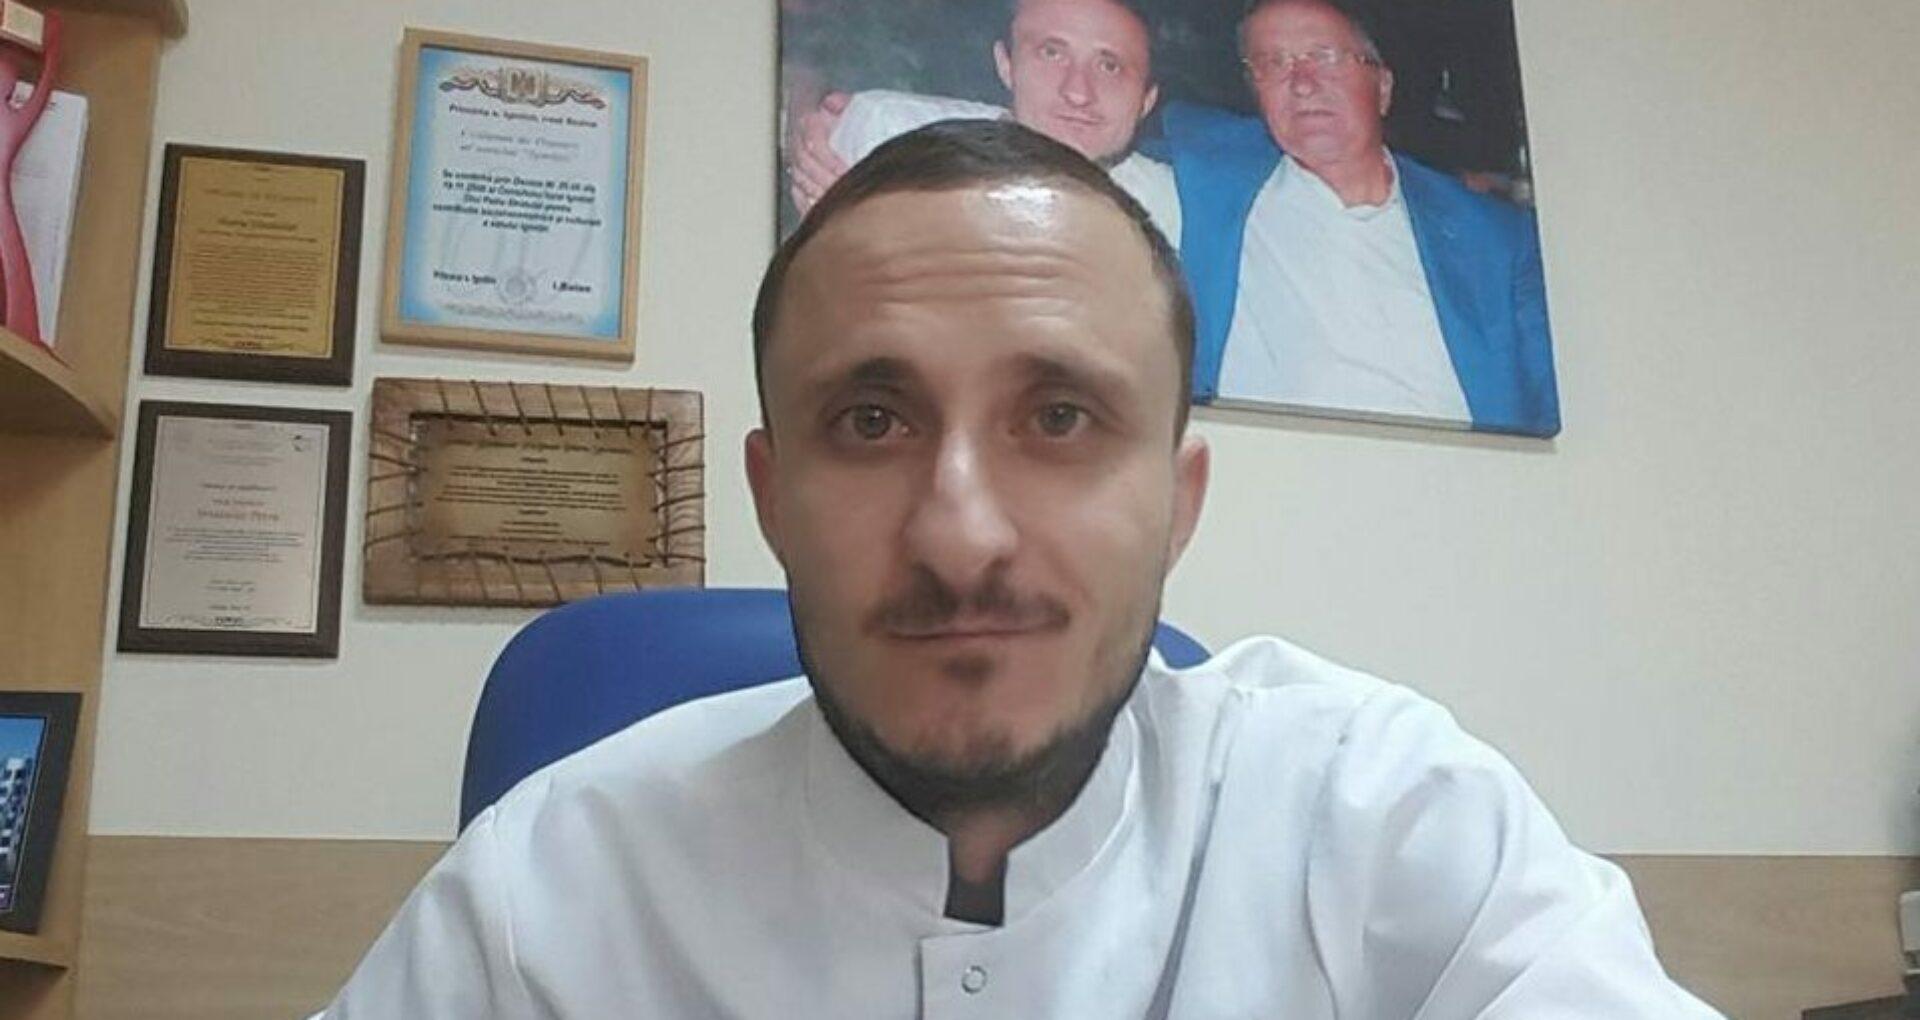 Decizia luată de CEC în legătură cu solicitarea lui Mihai Stratulat de a fi înregistrat în cursa electorală